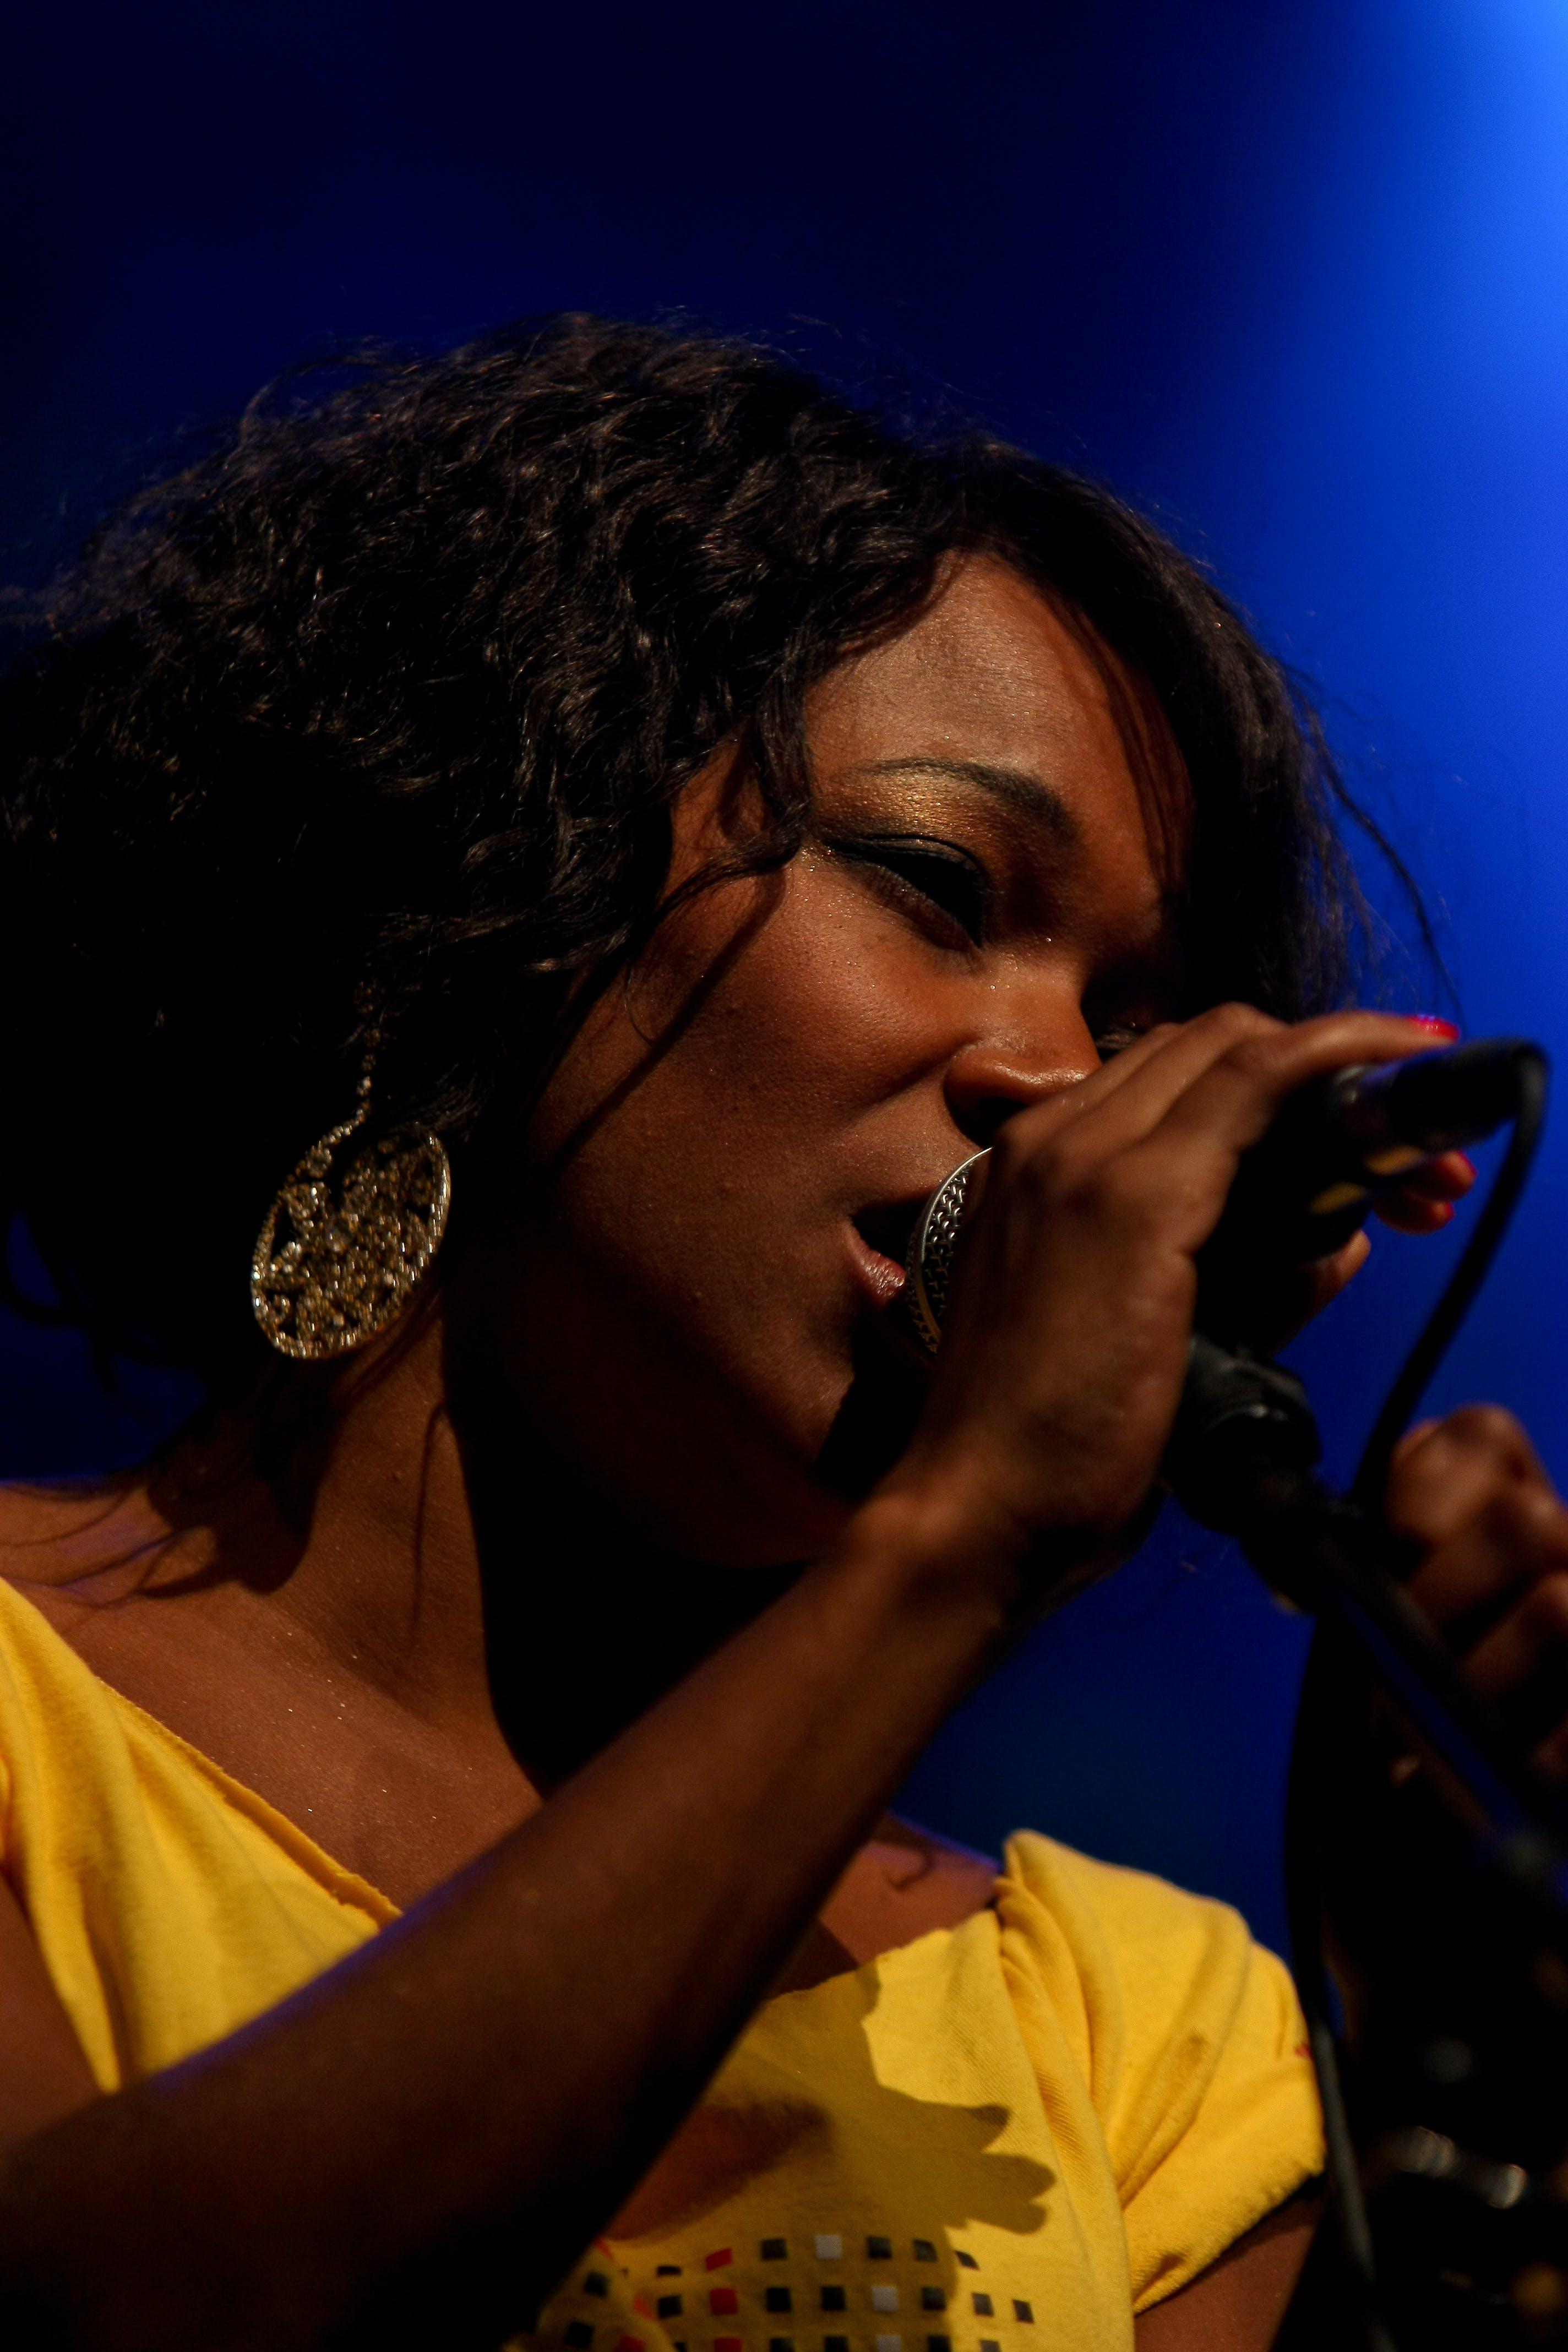 가수, 공연, 공연가, 귀걸이의 무료 스톡 사진